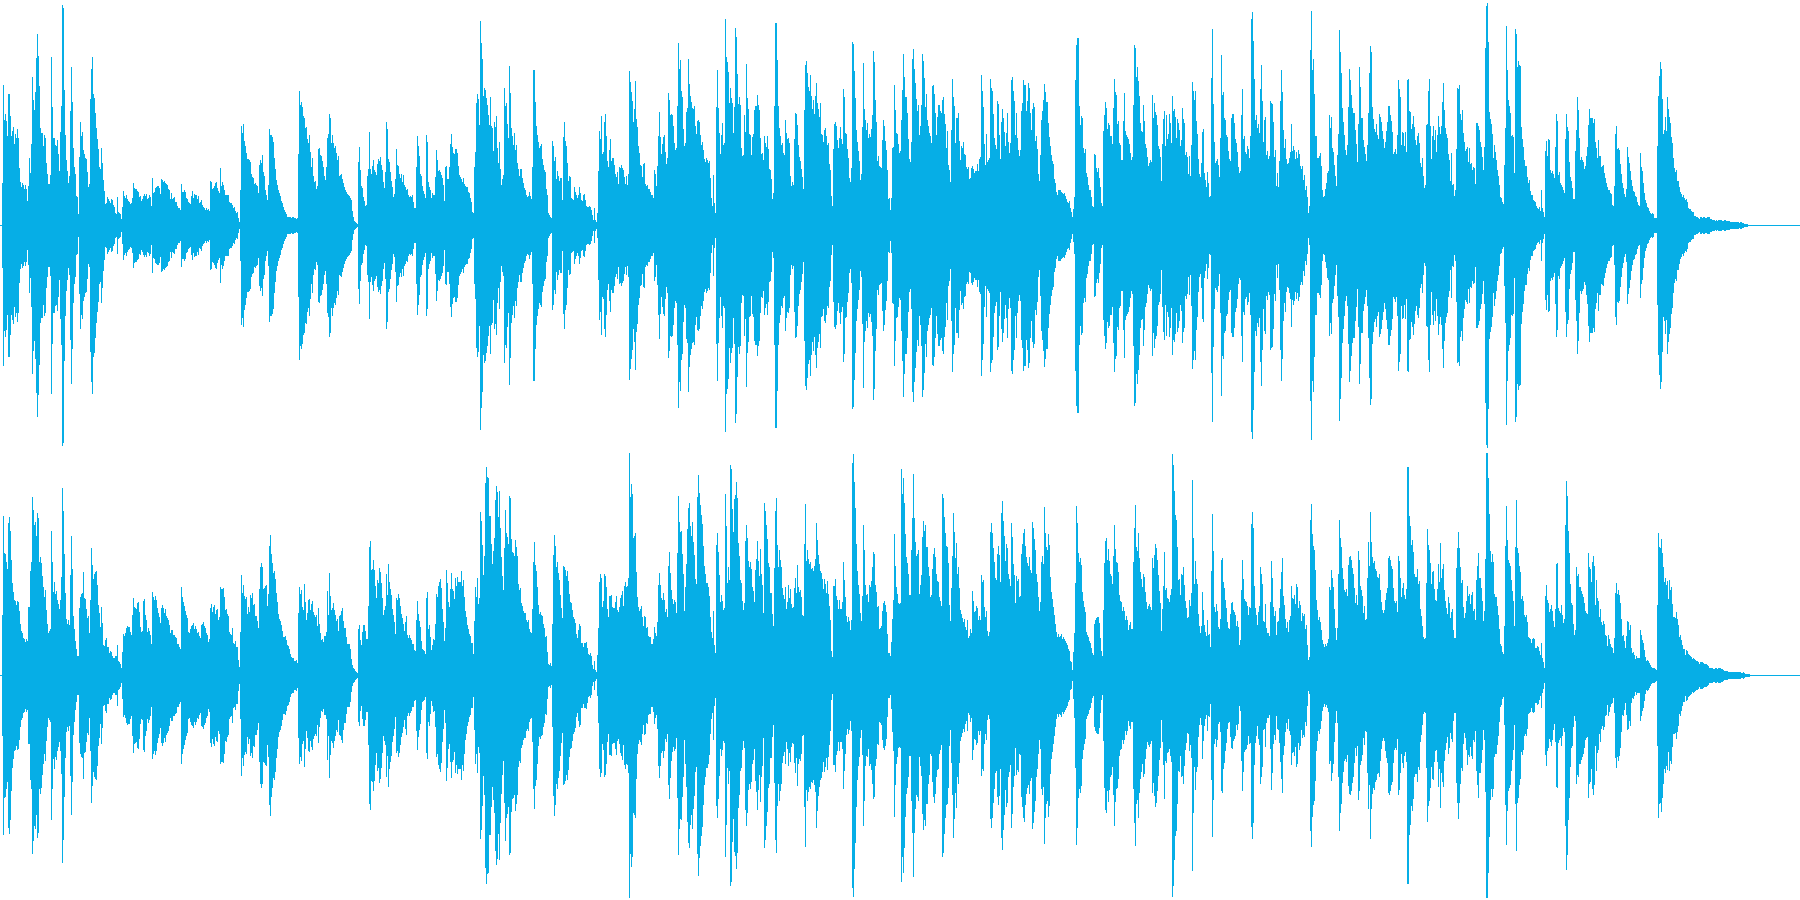 フランスパリのロマンチックなワルツ伴奏版の再生済みの波形